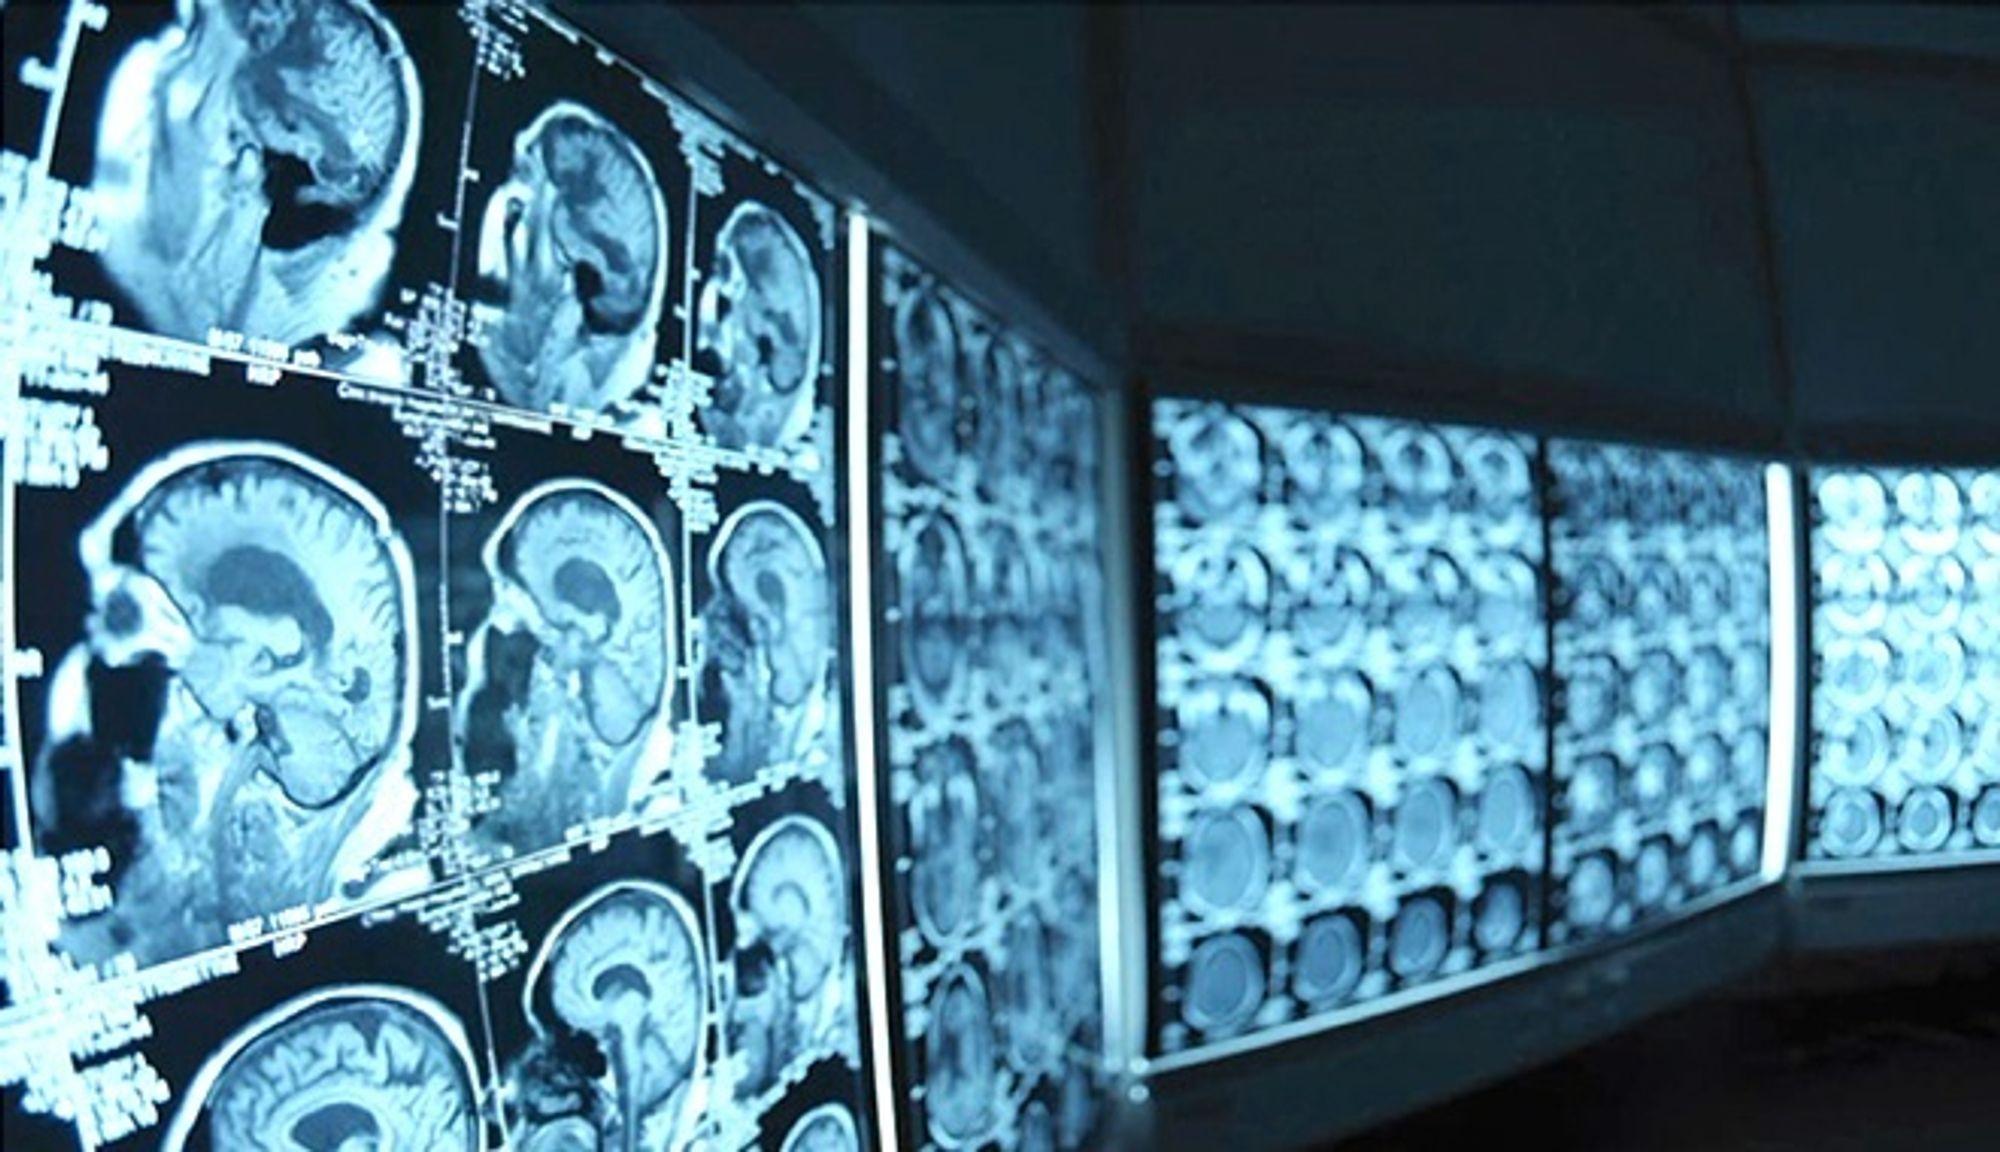 Hvor mye stråling: Det er lett å ta røntgen for å se inn i kroppen, men på barn er det viktig å ikke bestråle for mye. På Ahus har brukt kognitiv datateknologi for å lese og forstå medisinske journaler. Her ligger svaret på hva som er riktig.